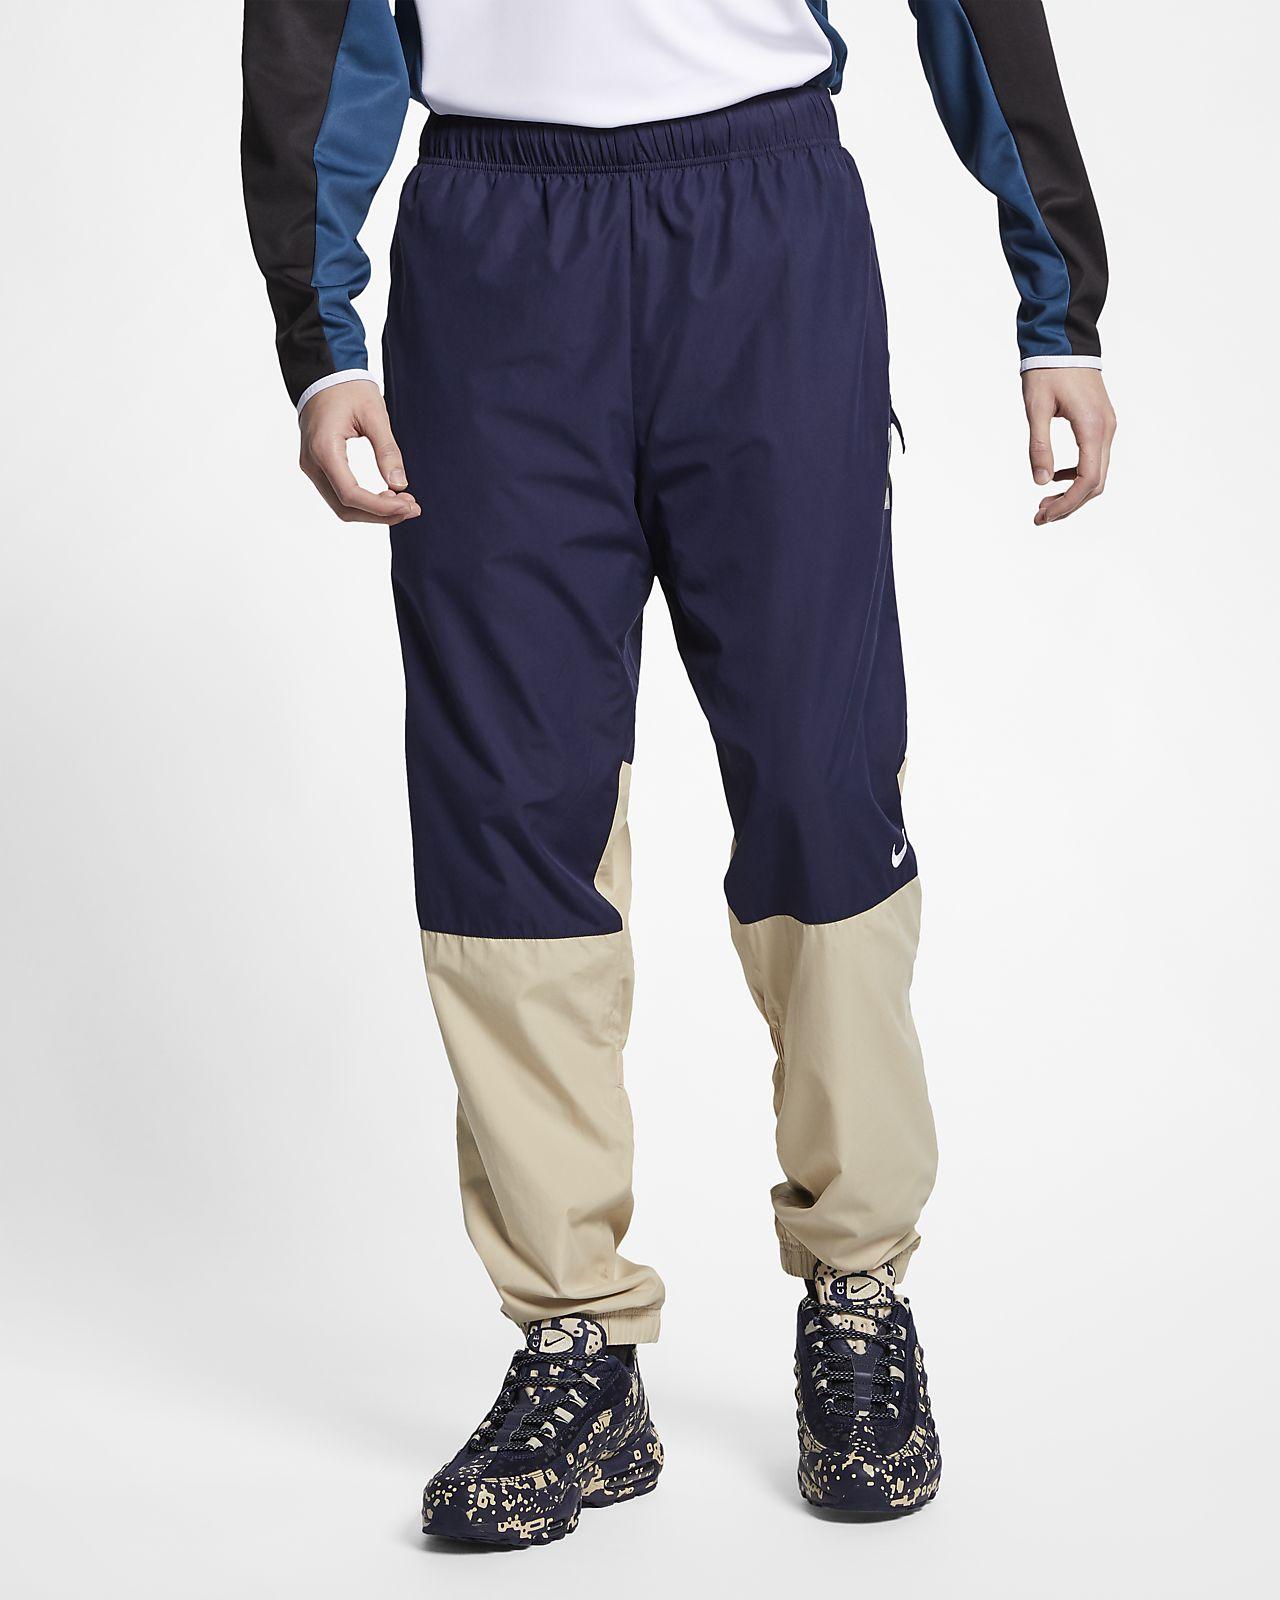 f3ab0e99a073 Nike x Cav Empt Men s Track Pants . Nike.com